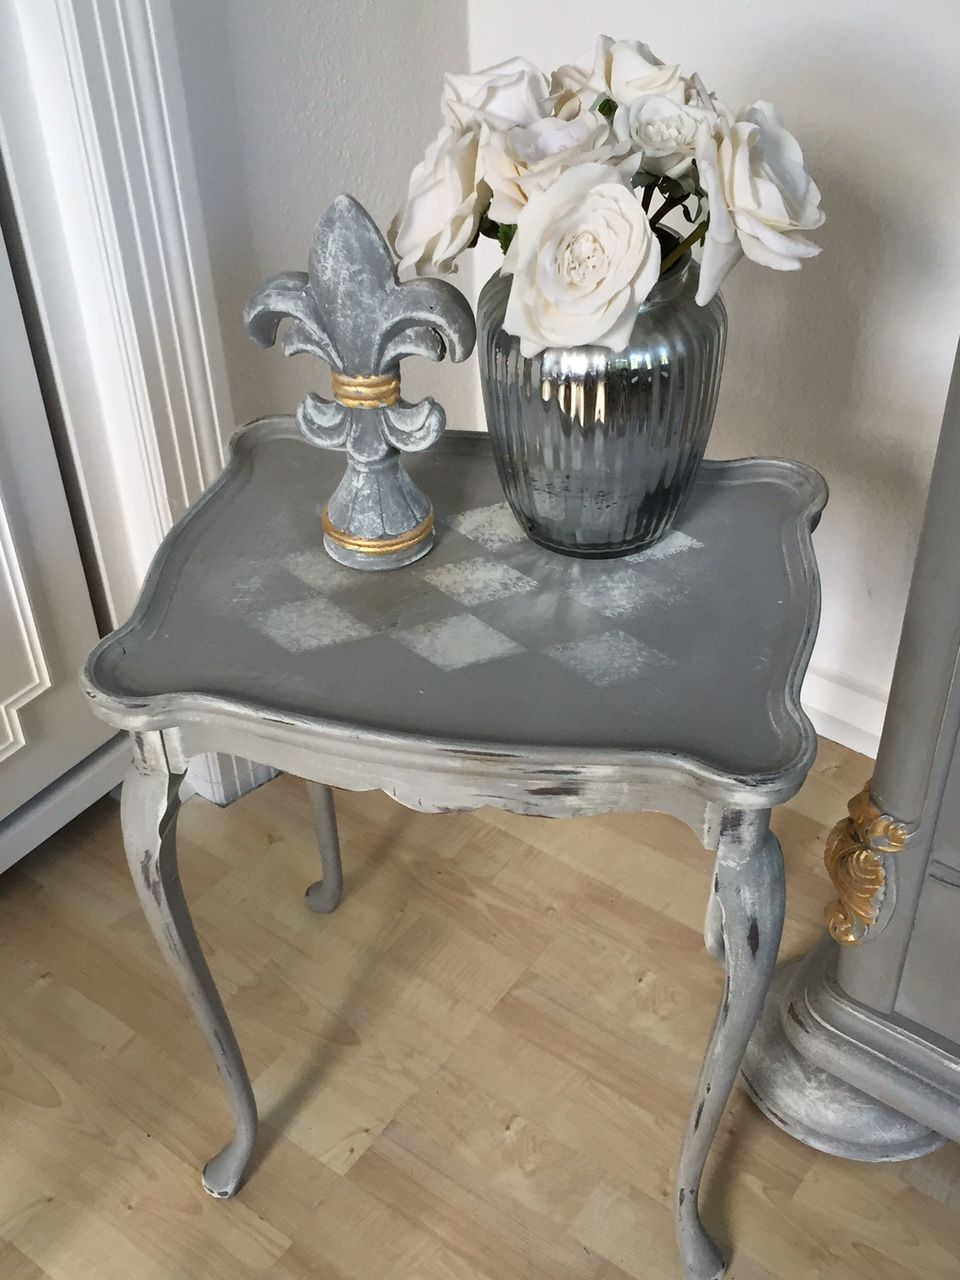 beistelltisch tisch tischchen shabby chic vintage antik grau weiß